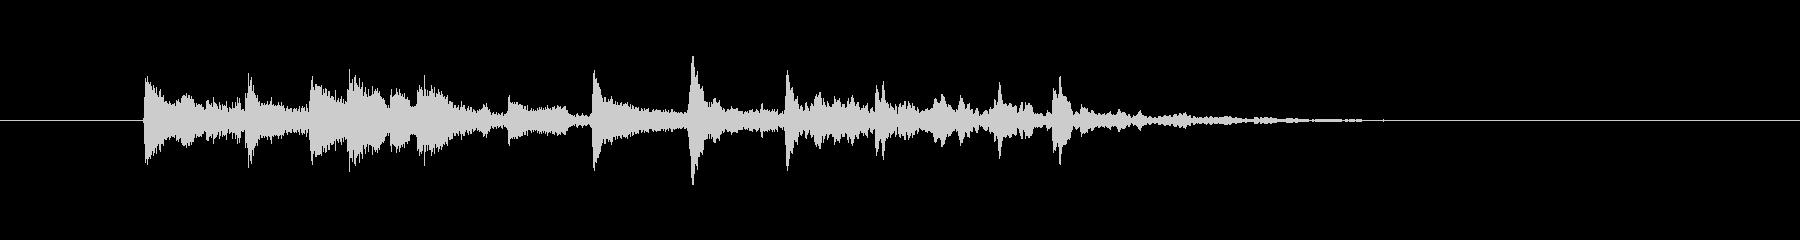 チャラララタンタン(弦楽器、場面転換)の未再生の波形